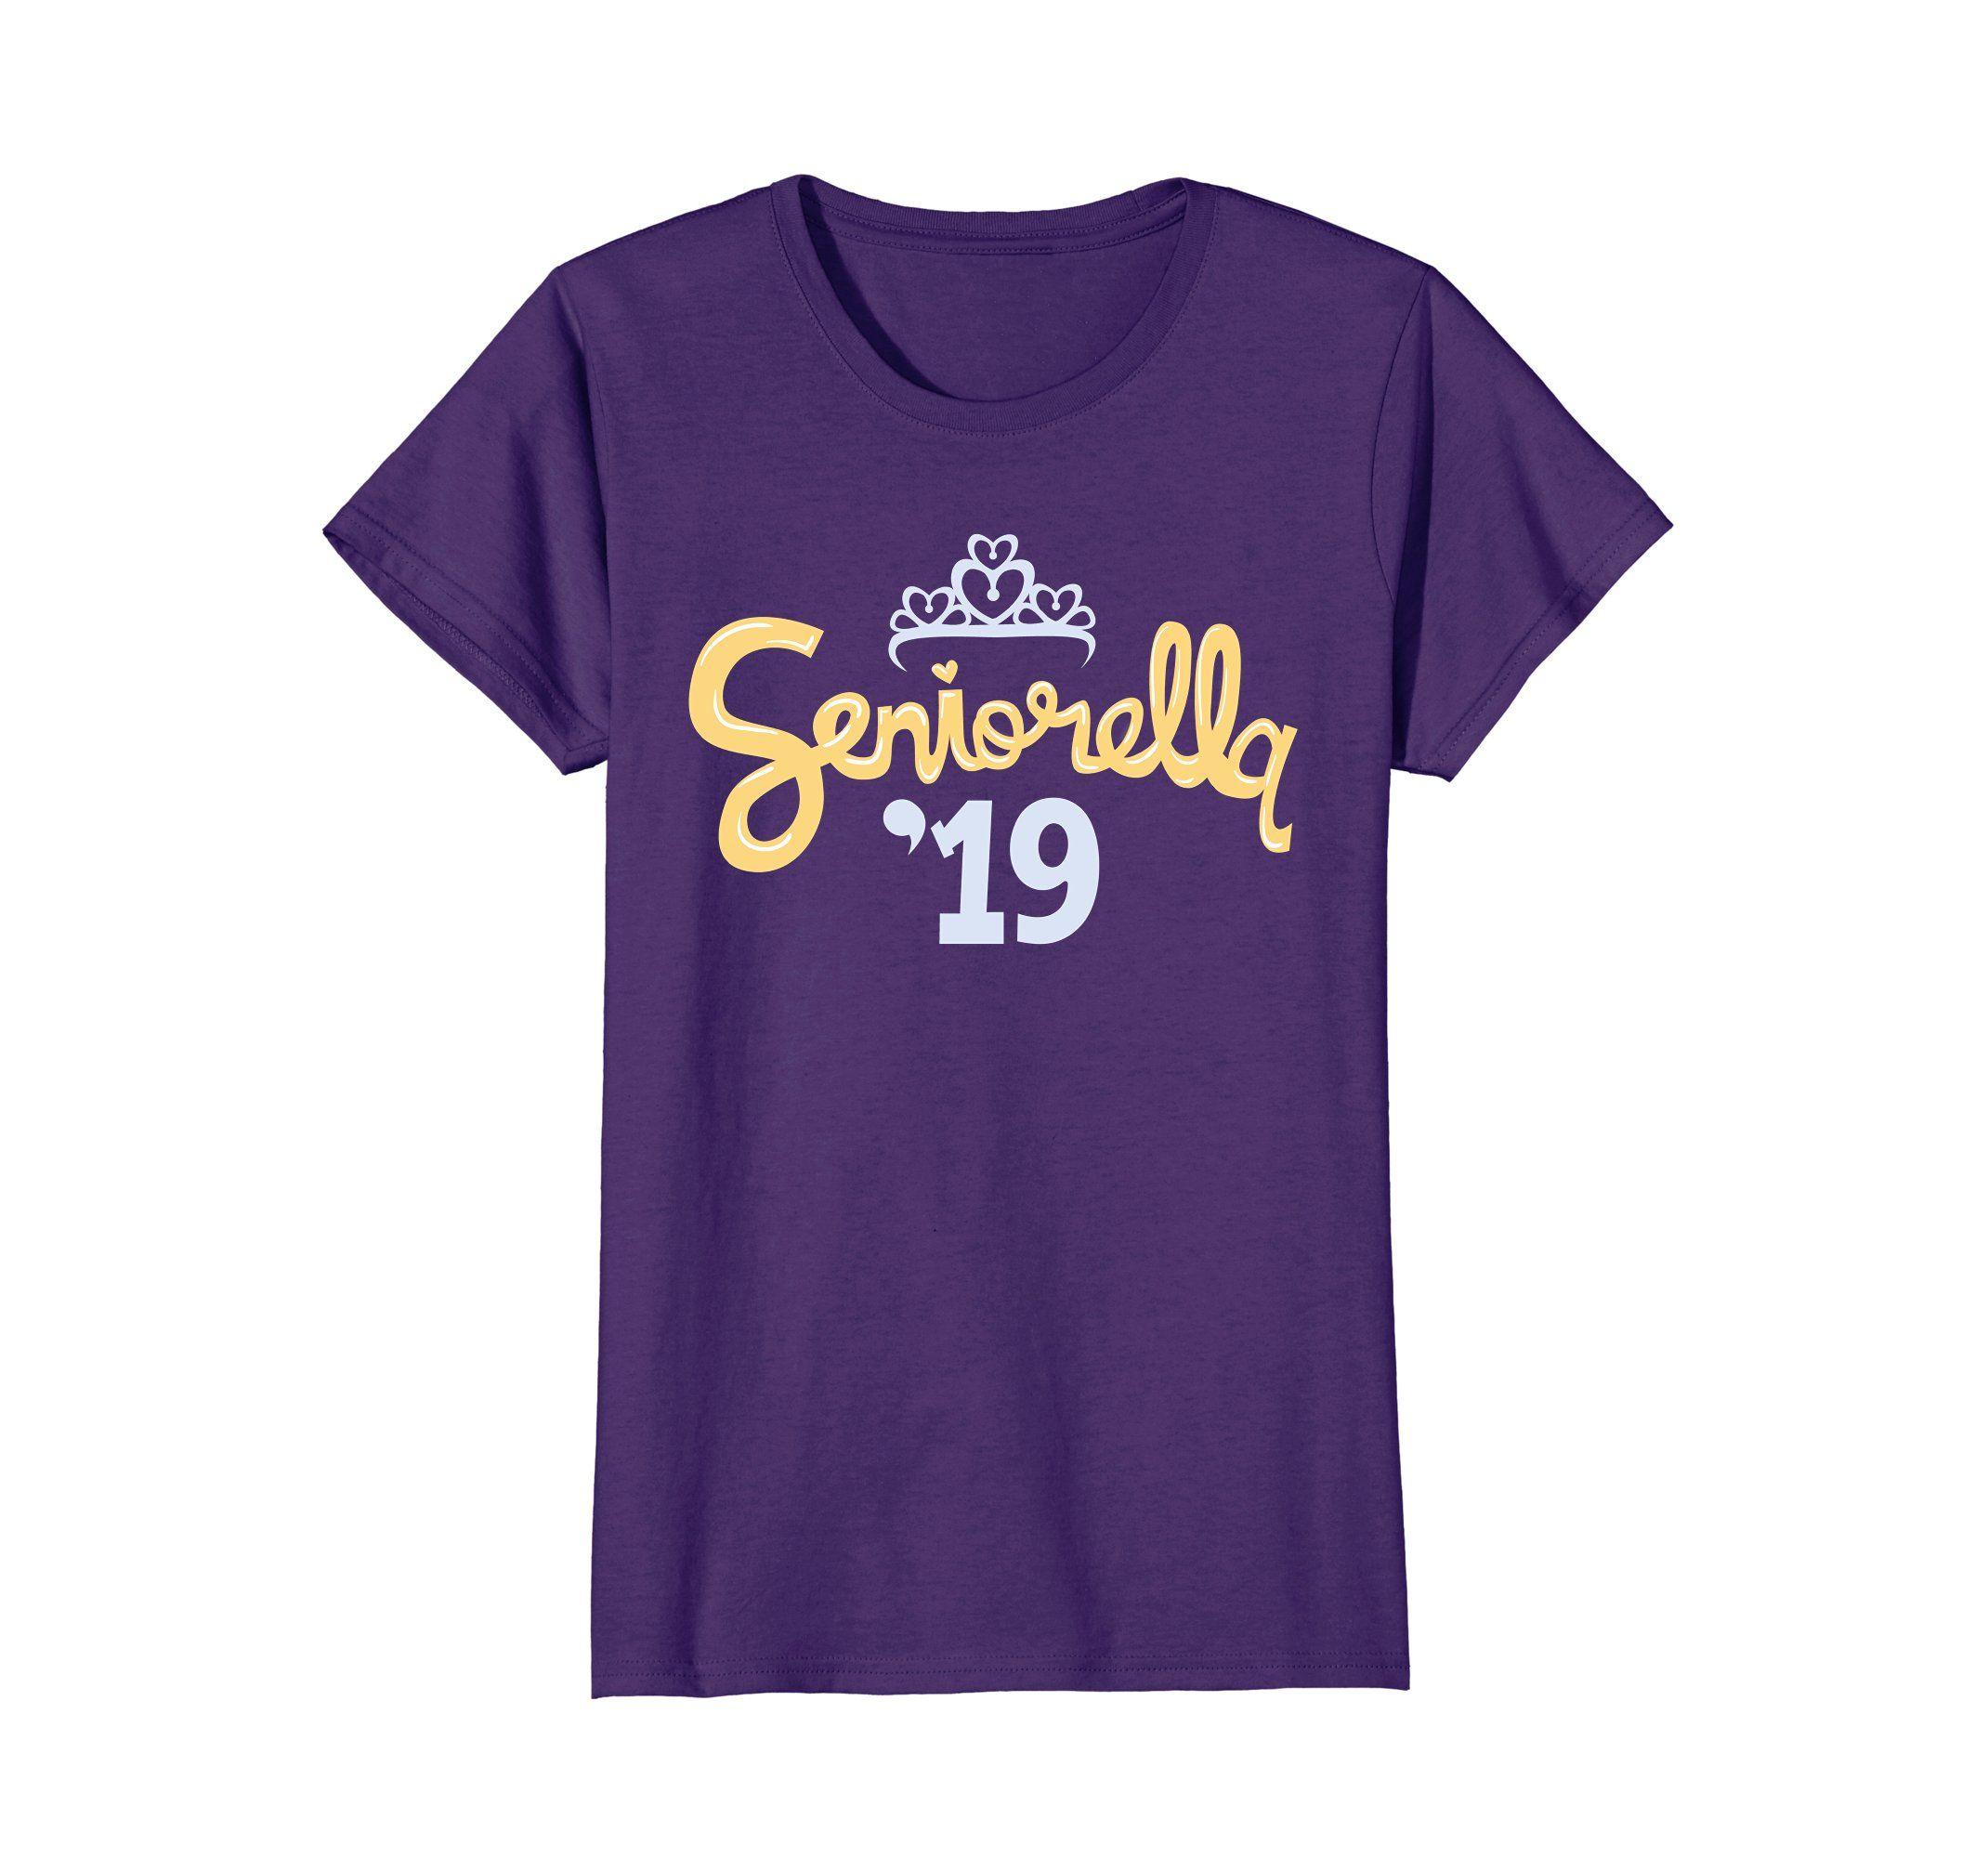 Seniorella '19 Funny Class of 2019 Senior Girls Tshirt